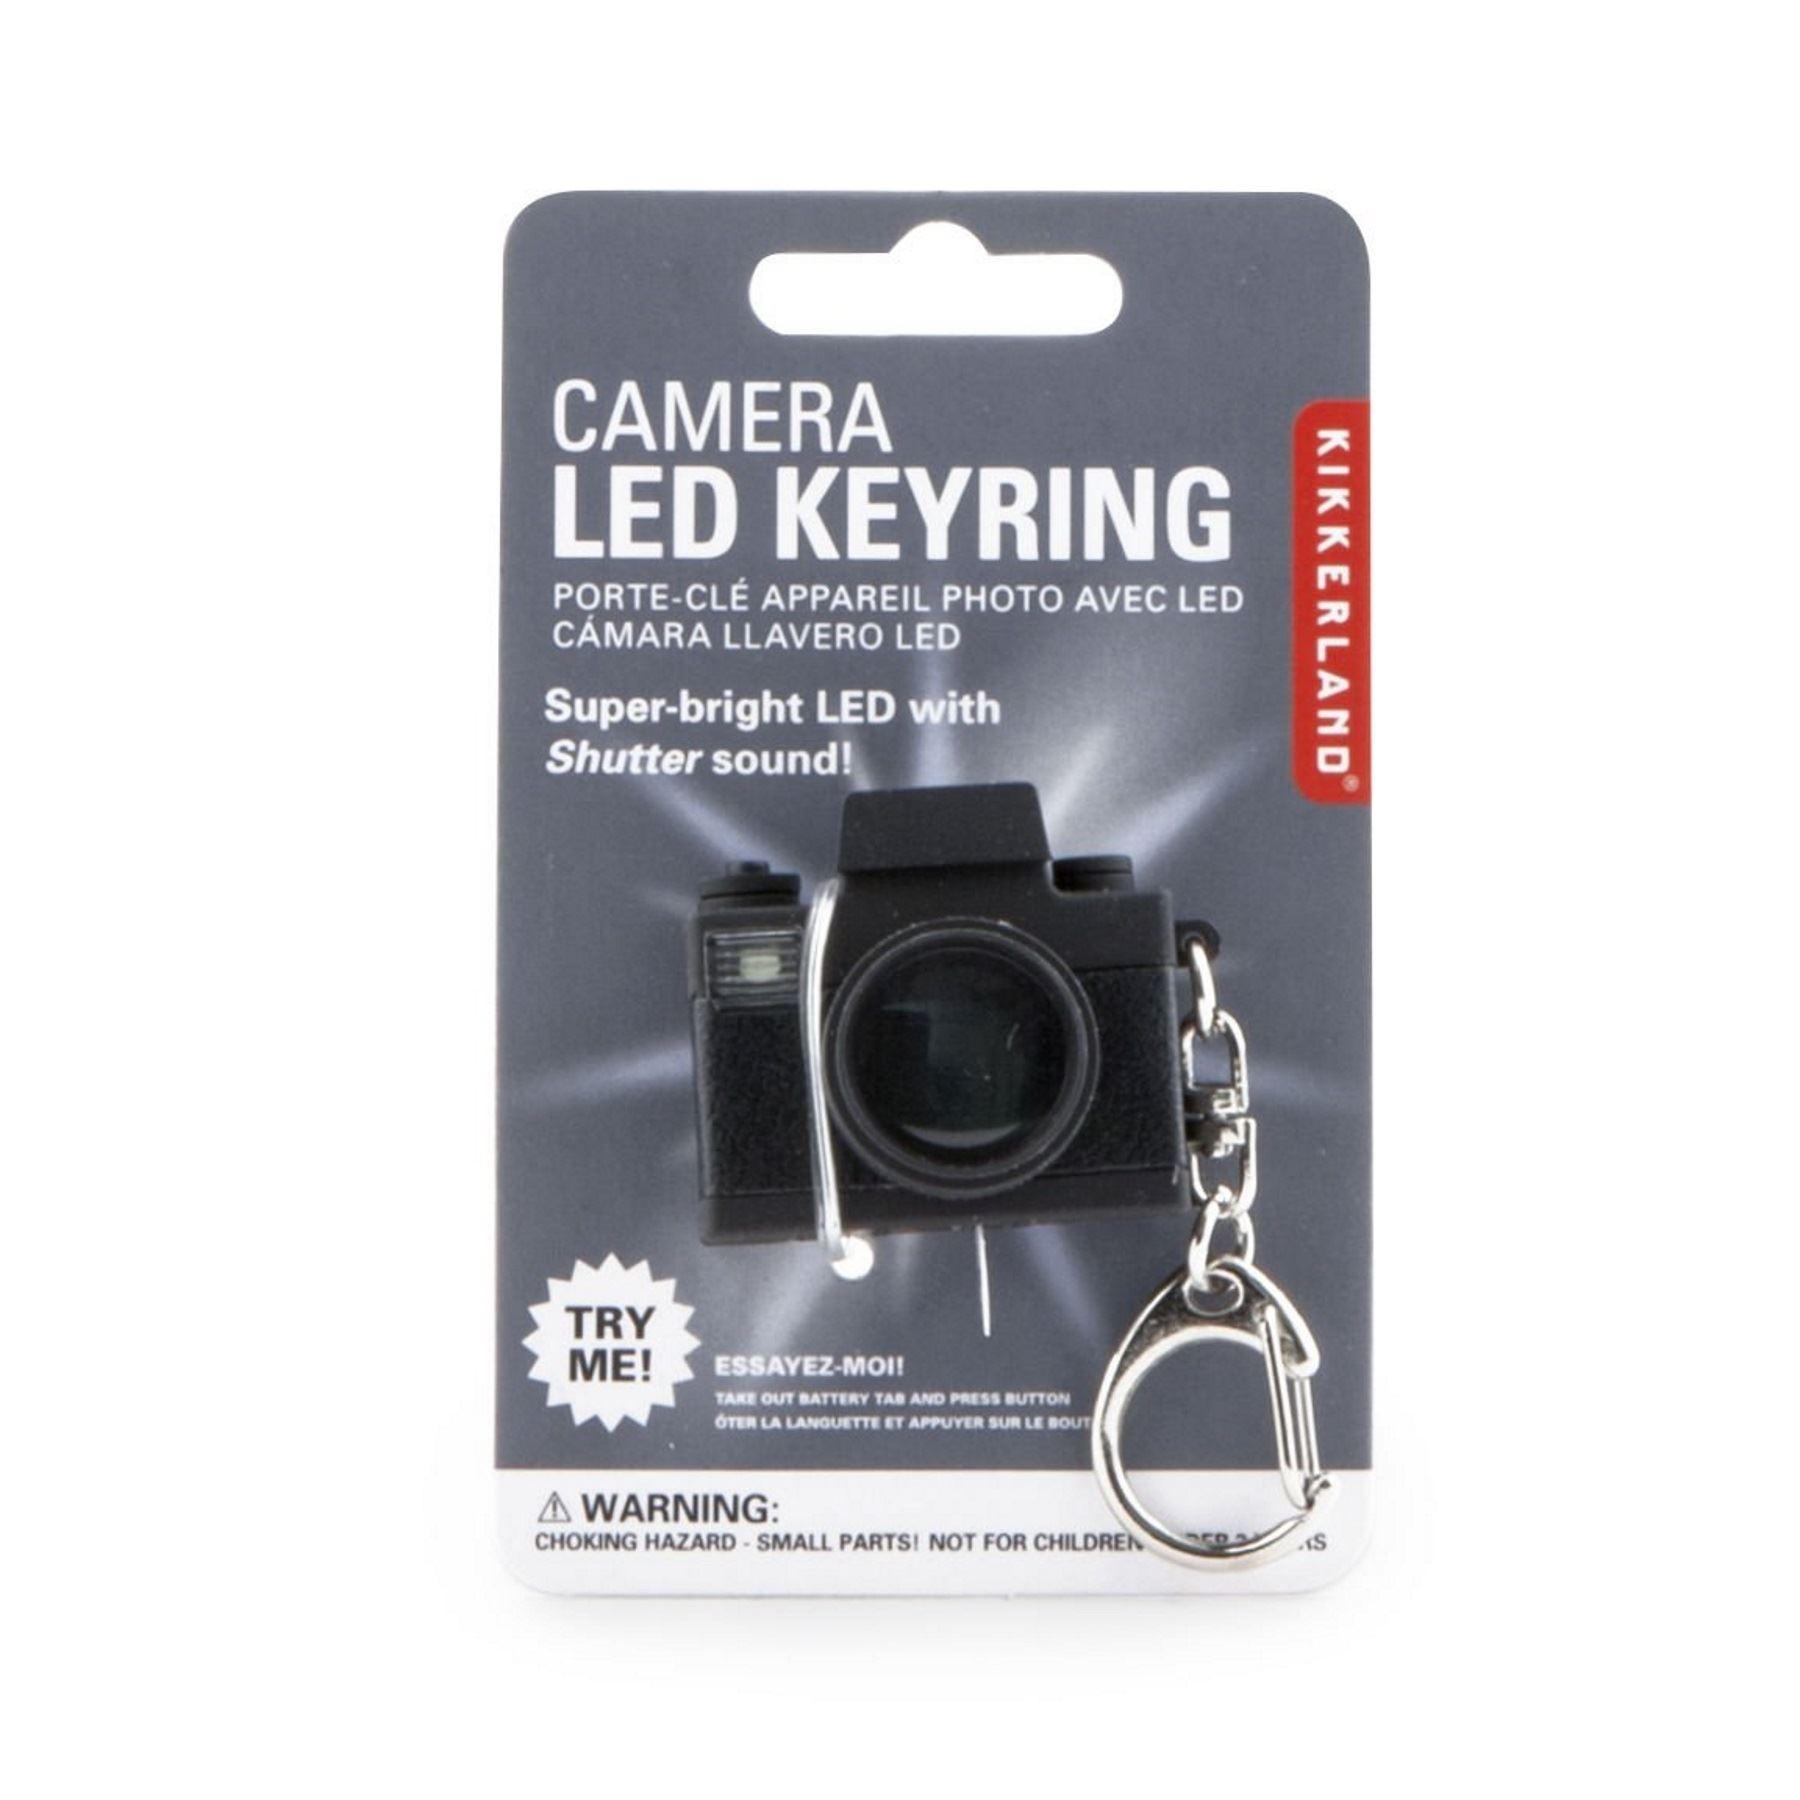 Camera led keychain